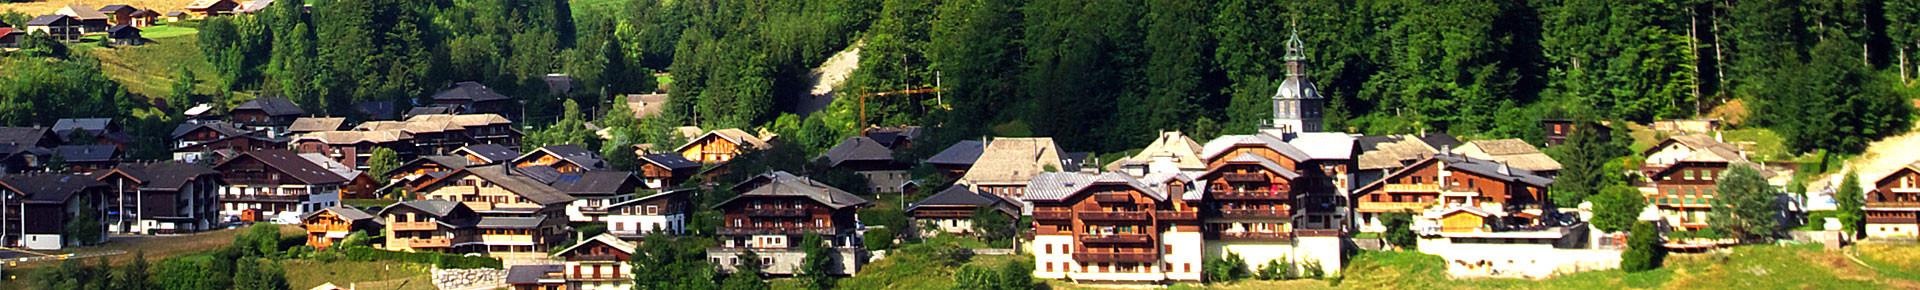 Le village de Montriond en été